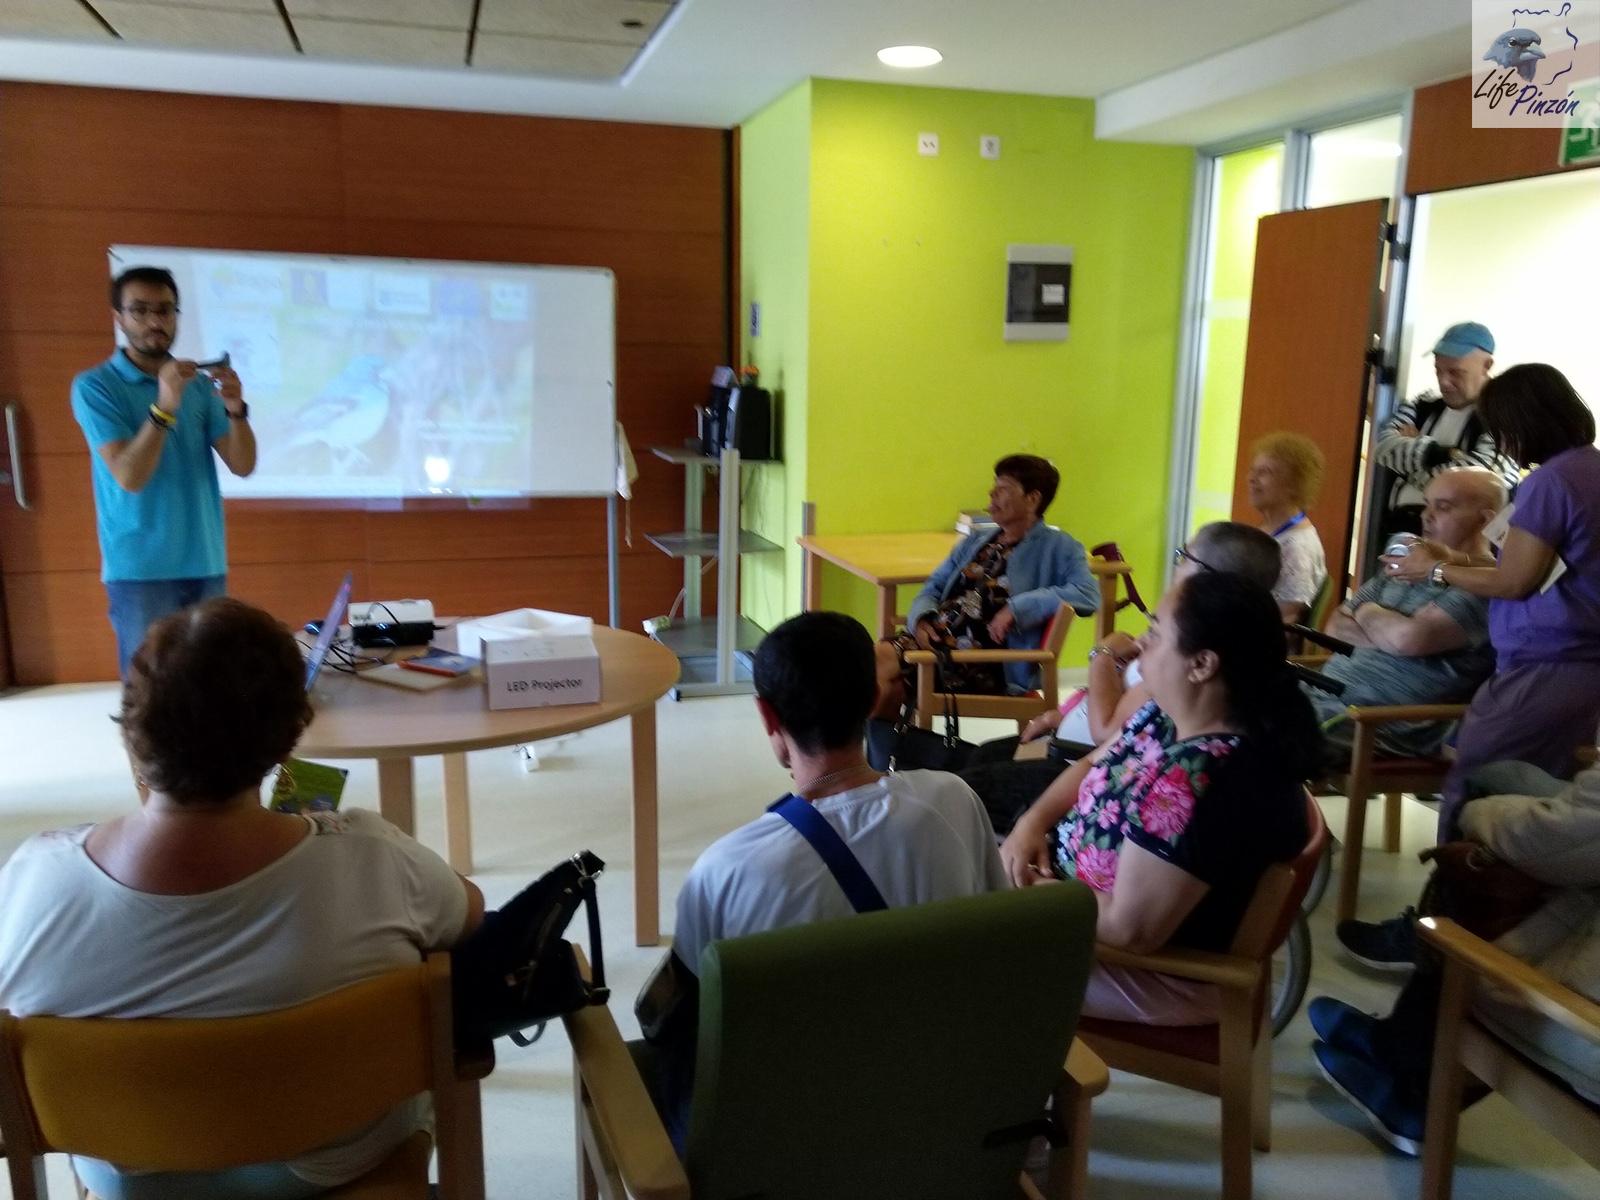 Divulgación con las Miniresidencias de El Pino5 de octubre